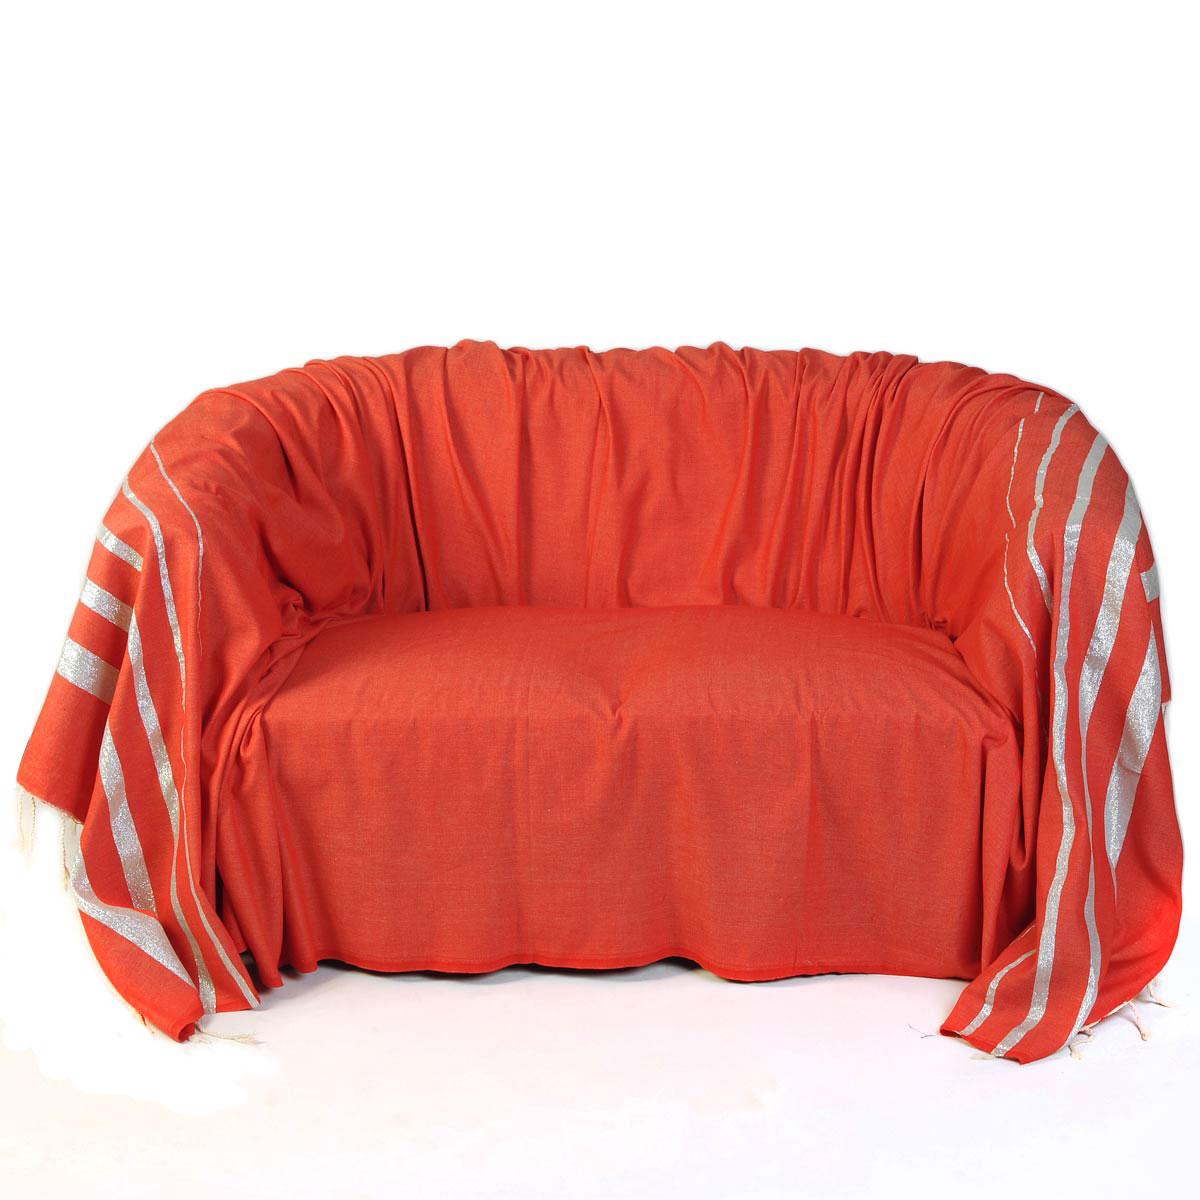 ISTANBUL - Jeté de canapé coton rouge lurex rayures argent 200 x 300